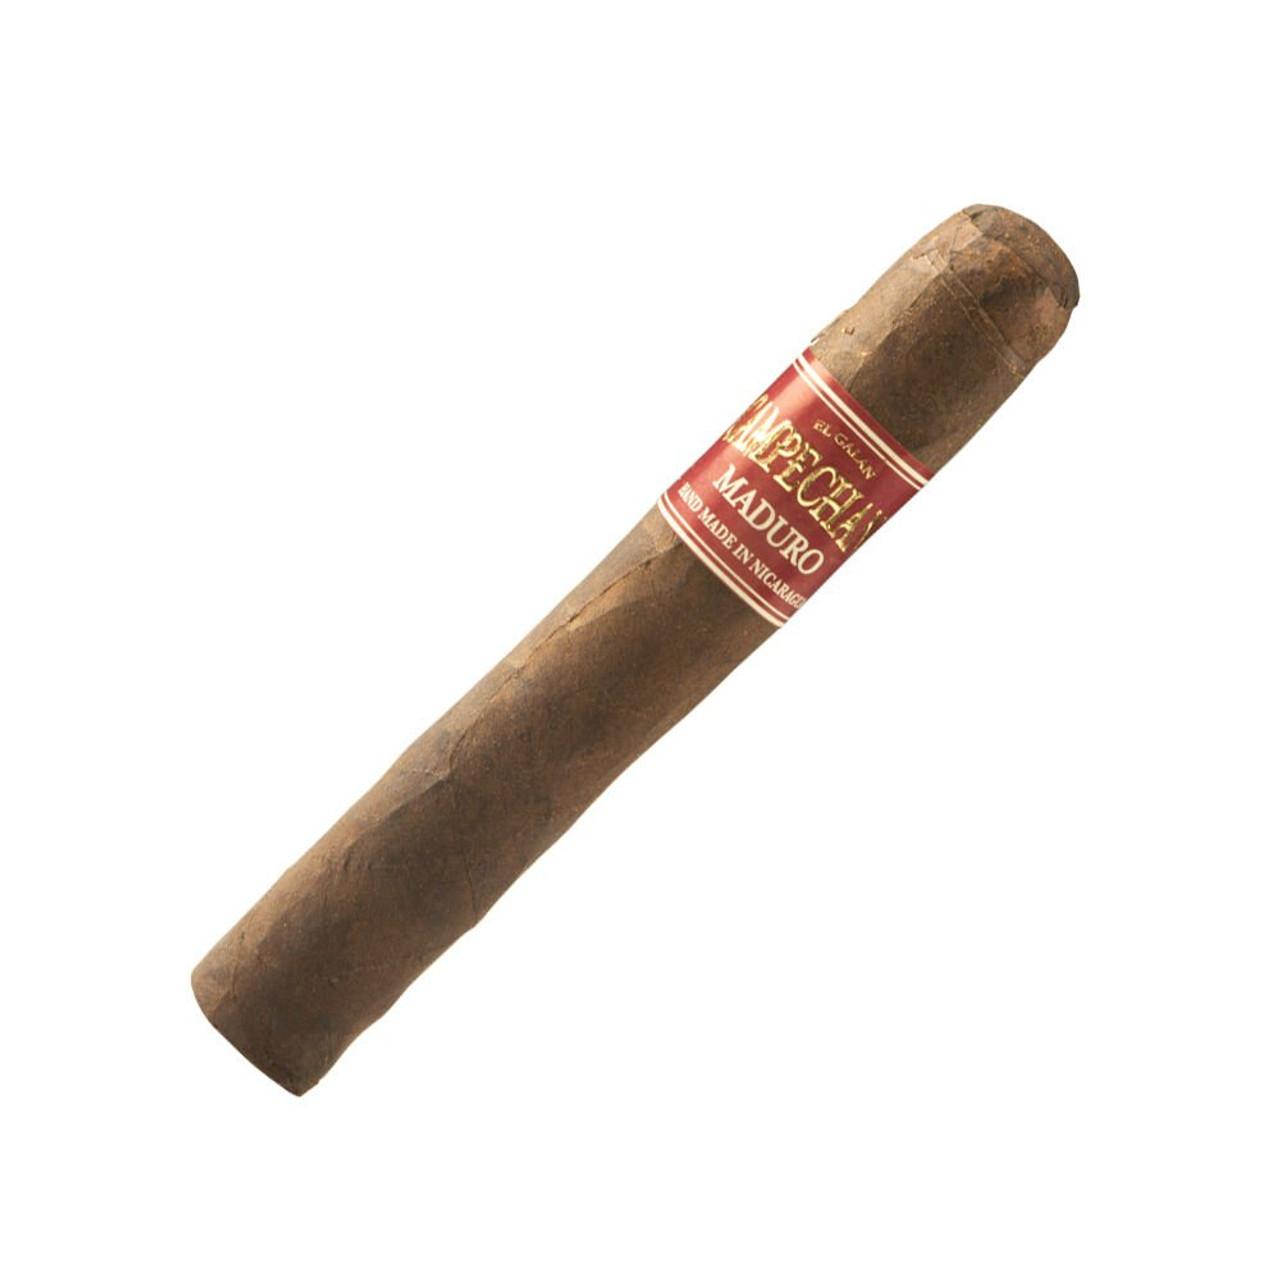 El Galan Campechano Robusto Maduro Cigars - 5 x 50 (Pack of 5)